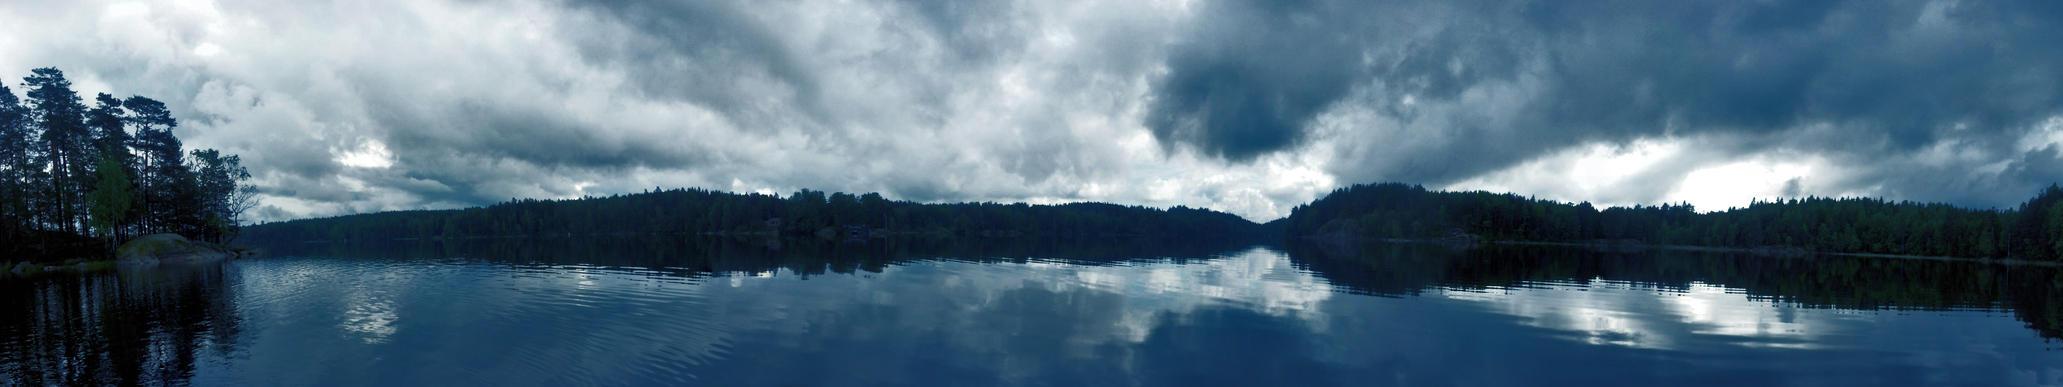 Lake2 by Atomicsickness